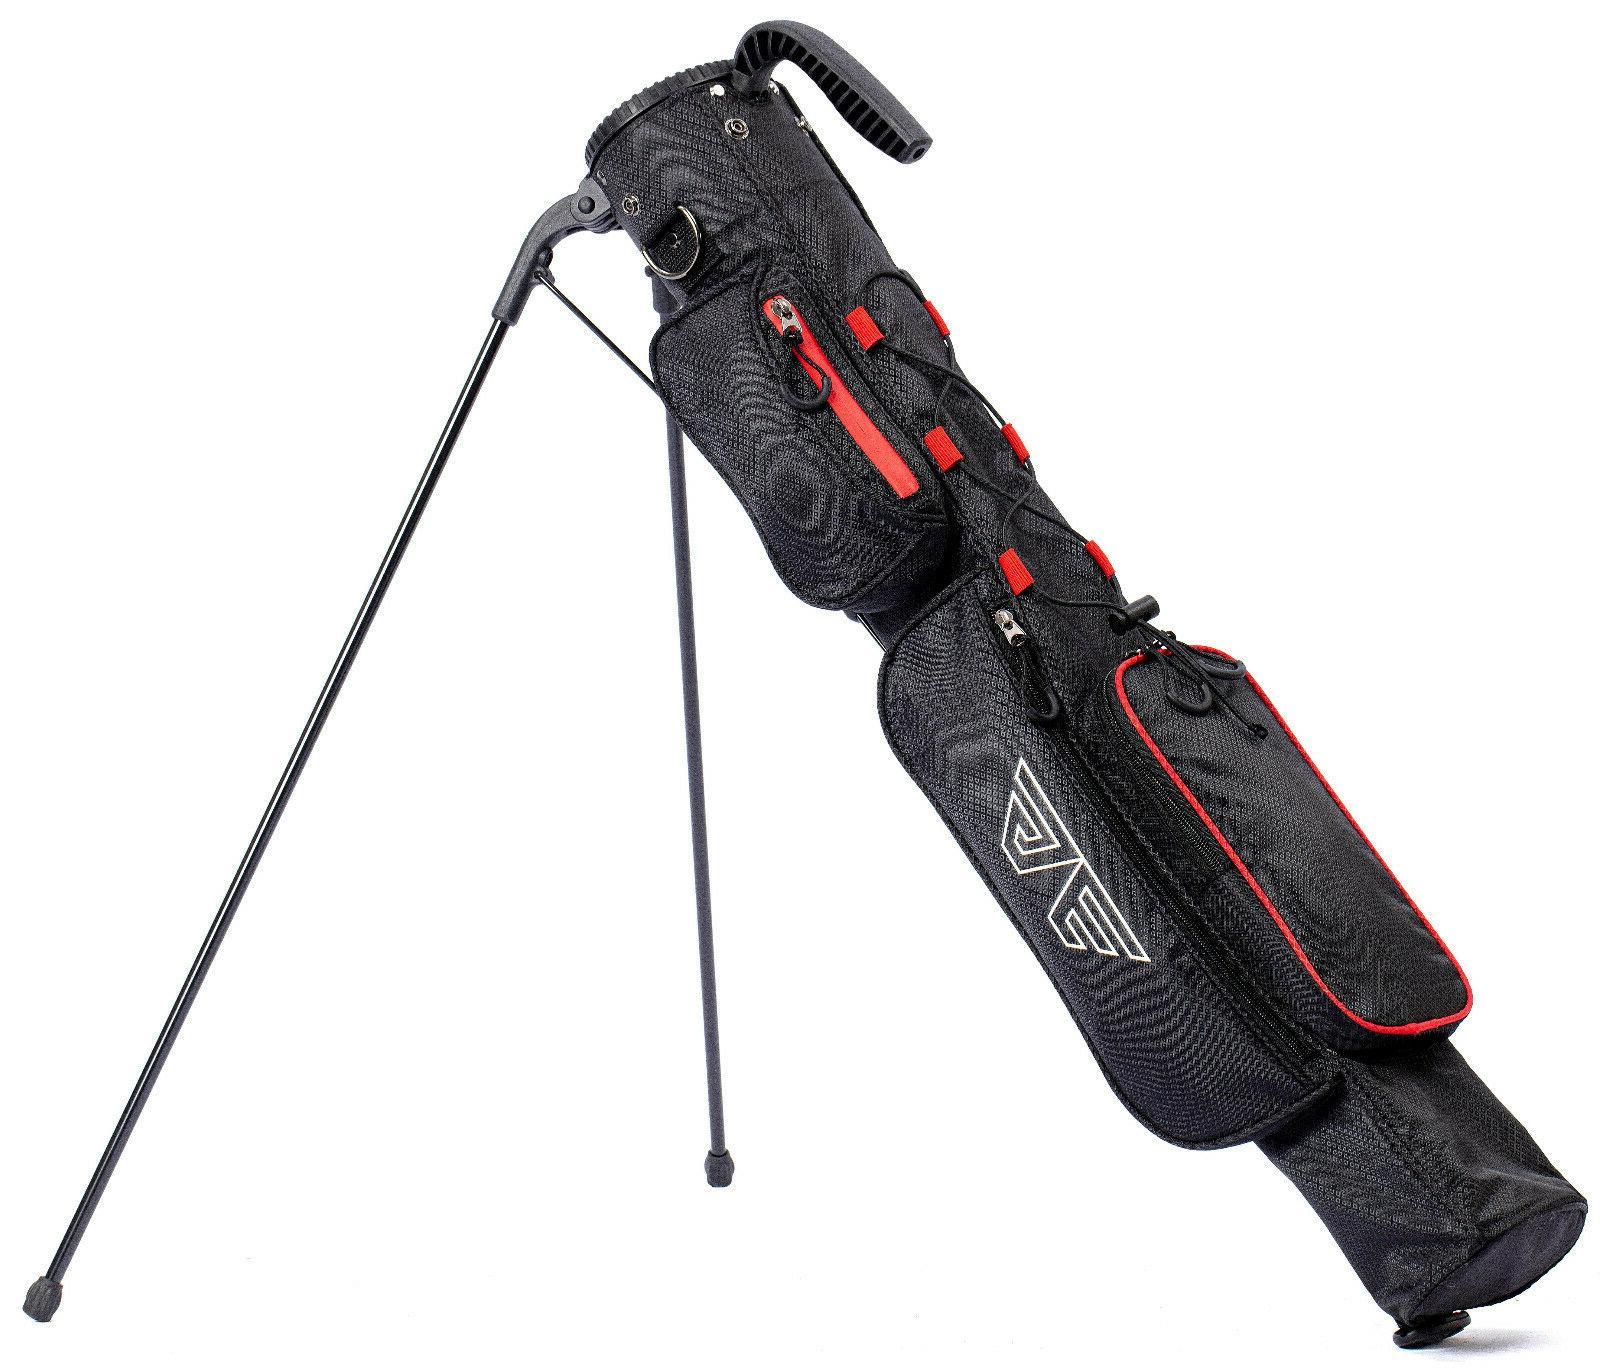 EG Easy Carry Golf Bag/Suday Bag/Carry Bag